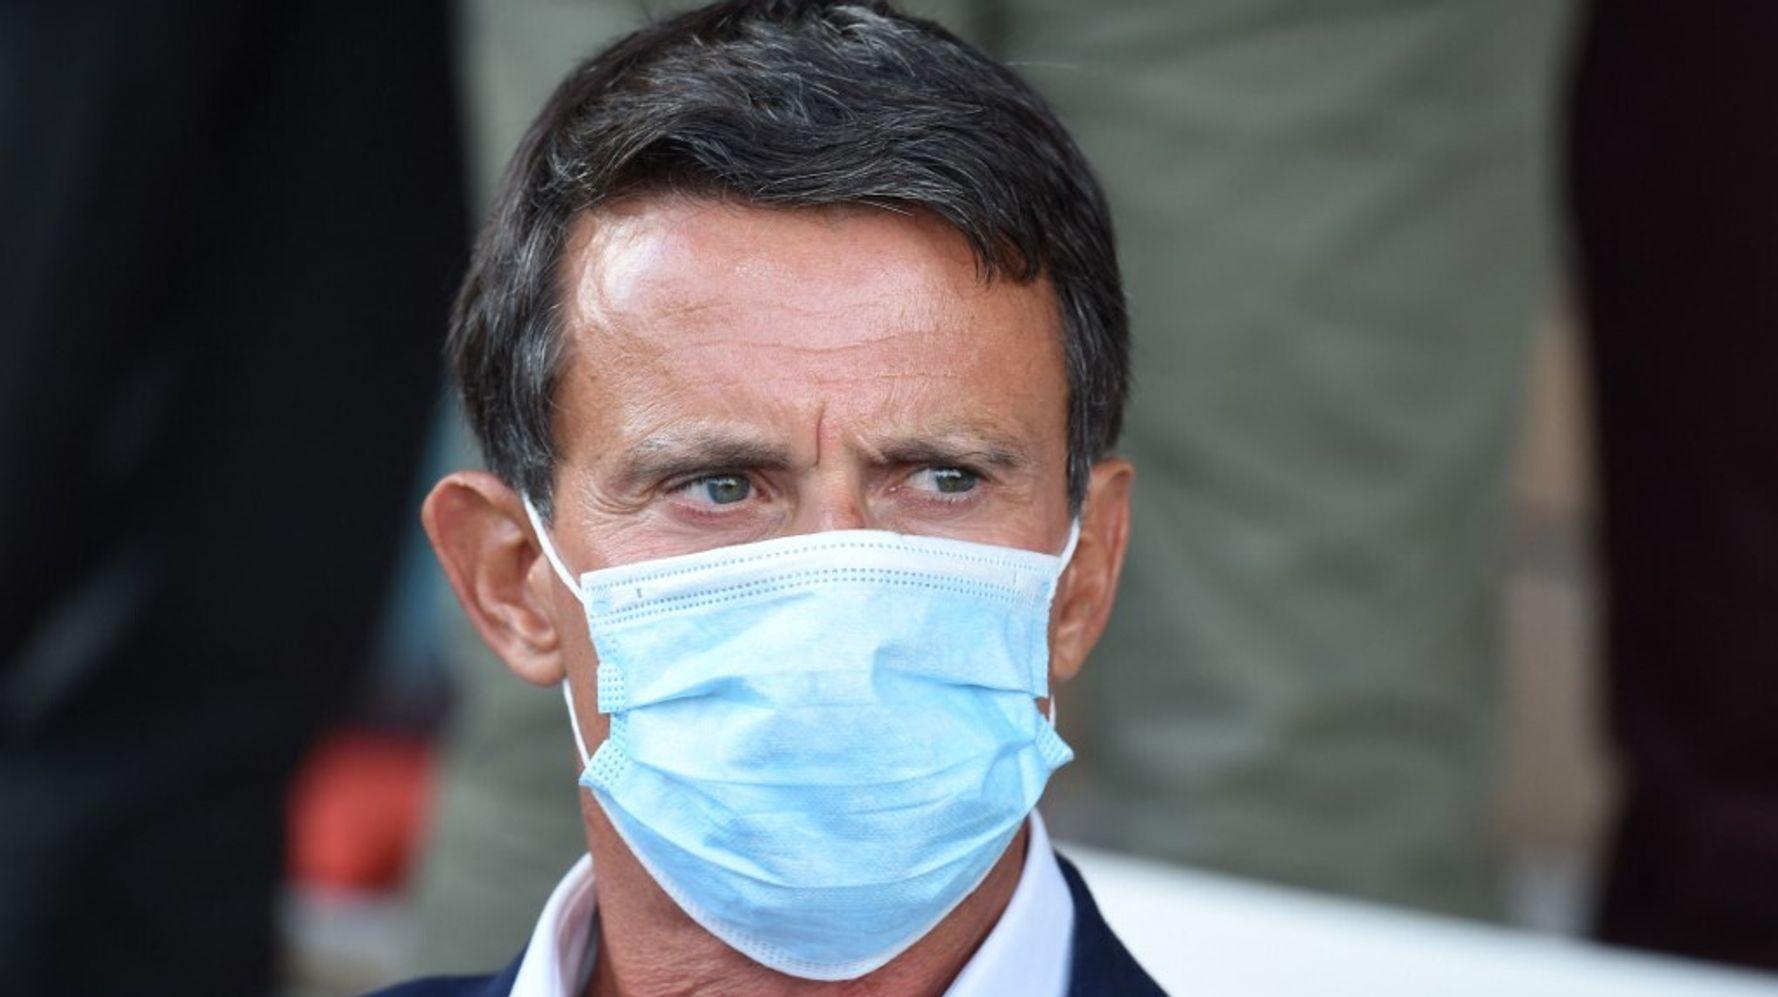 Valls attaque Dieudonné en diffamation pour une vidéo